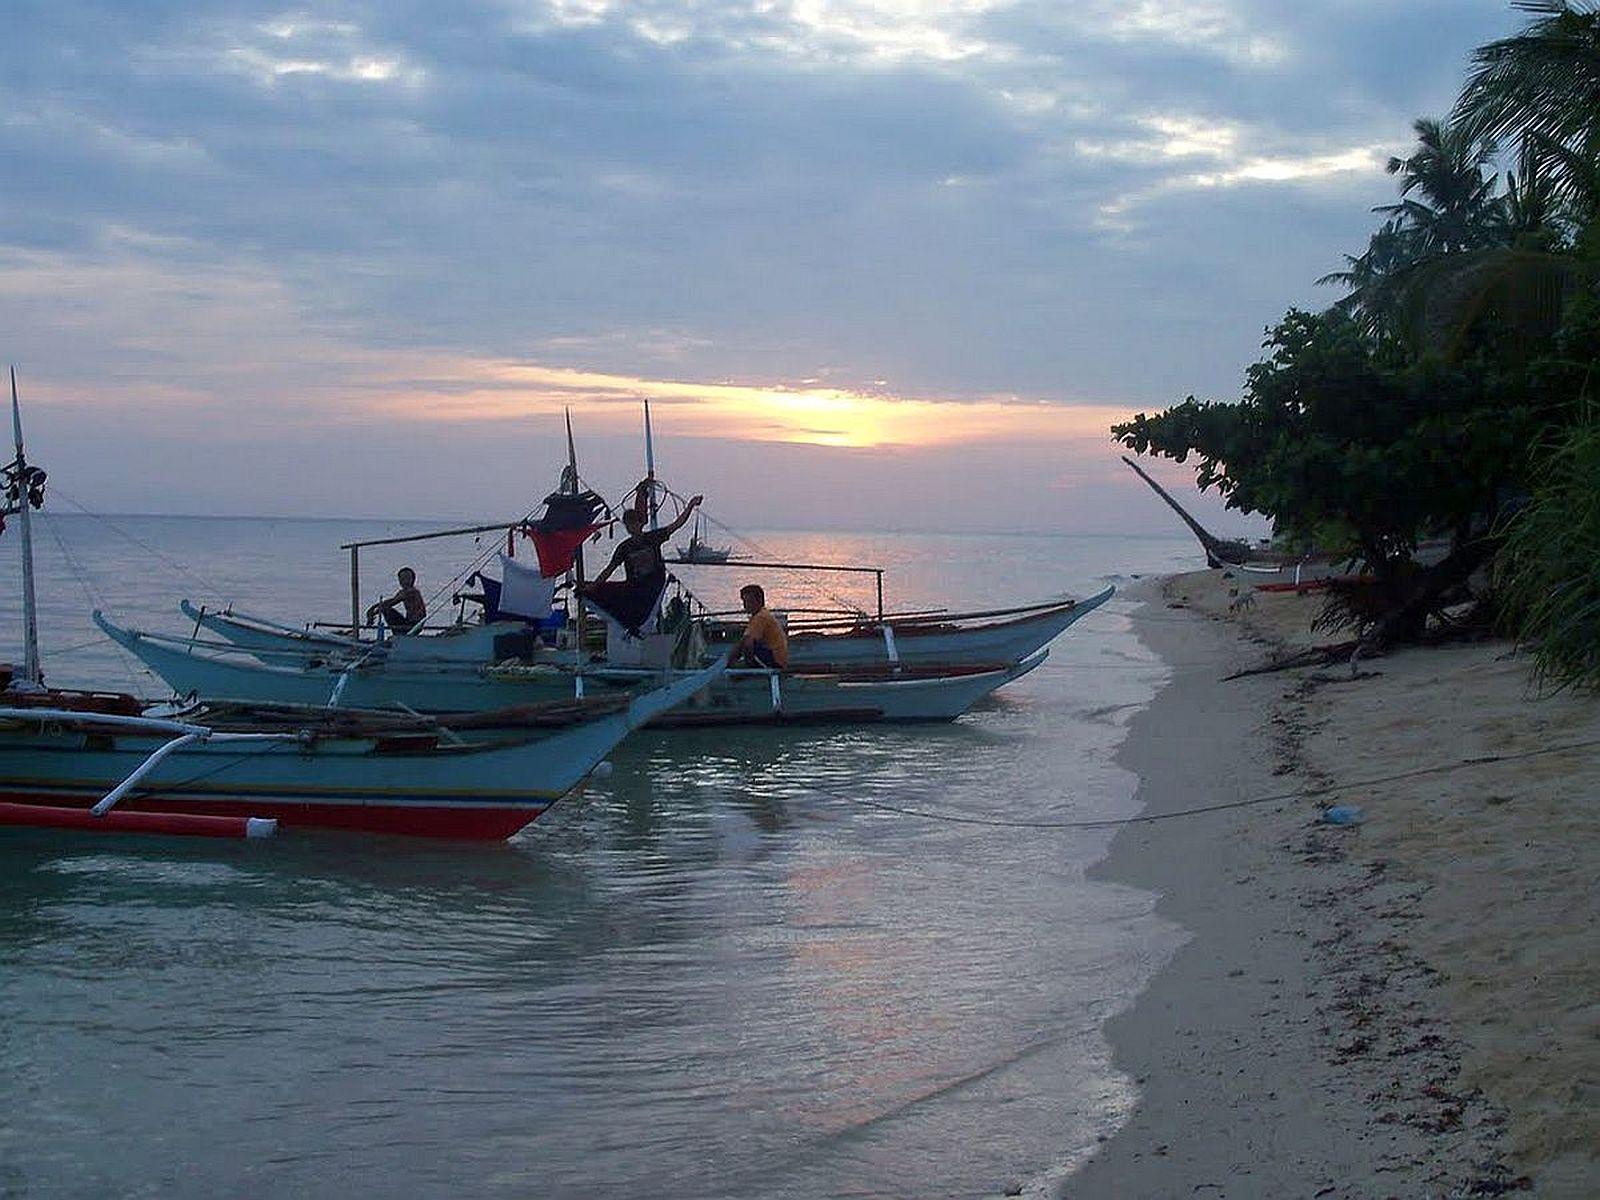 PHILIPPINEN REISEN - INSELN in LUZON - Touristische Beschreibung der Luzon Insel Jintotolo